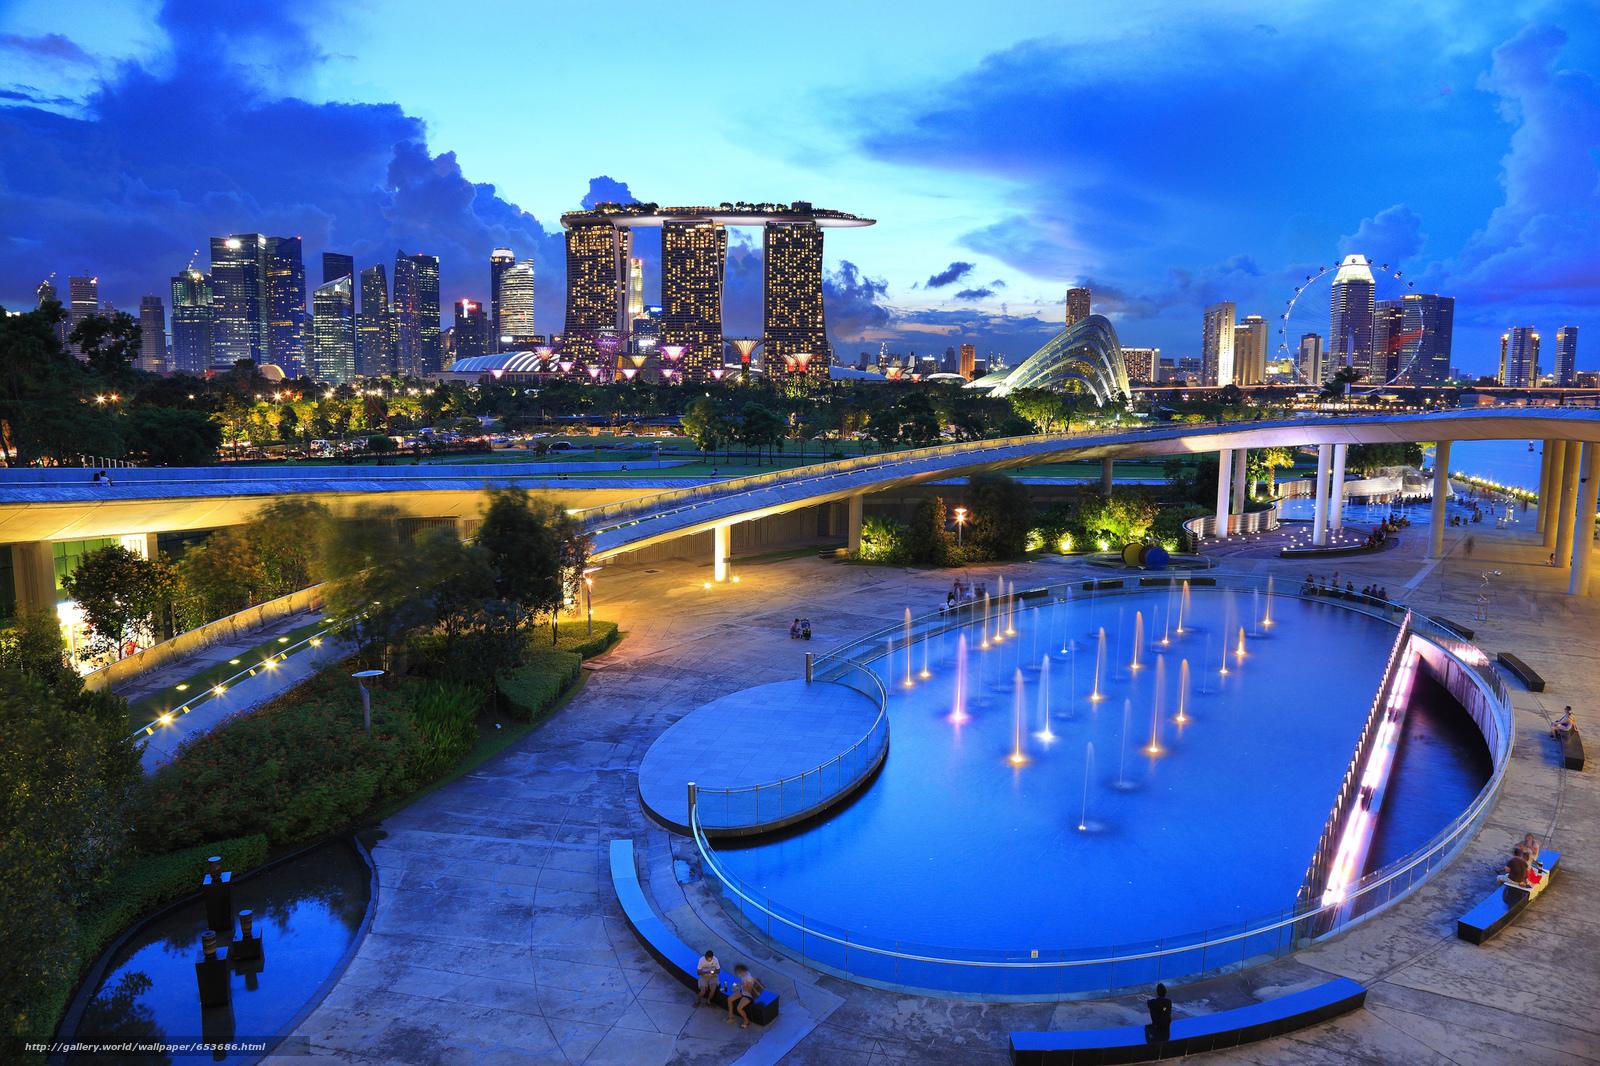 Скачать обои Сингапур,  Singapore,  город бесплатно для рабочего стола в разрешении 2048x1365 — картинка №653686